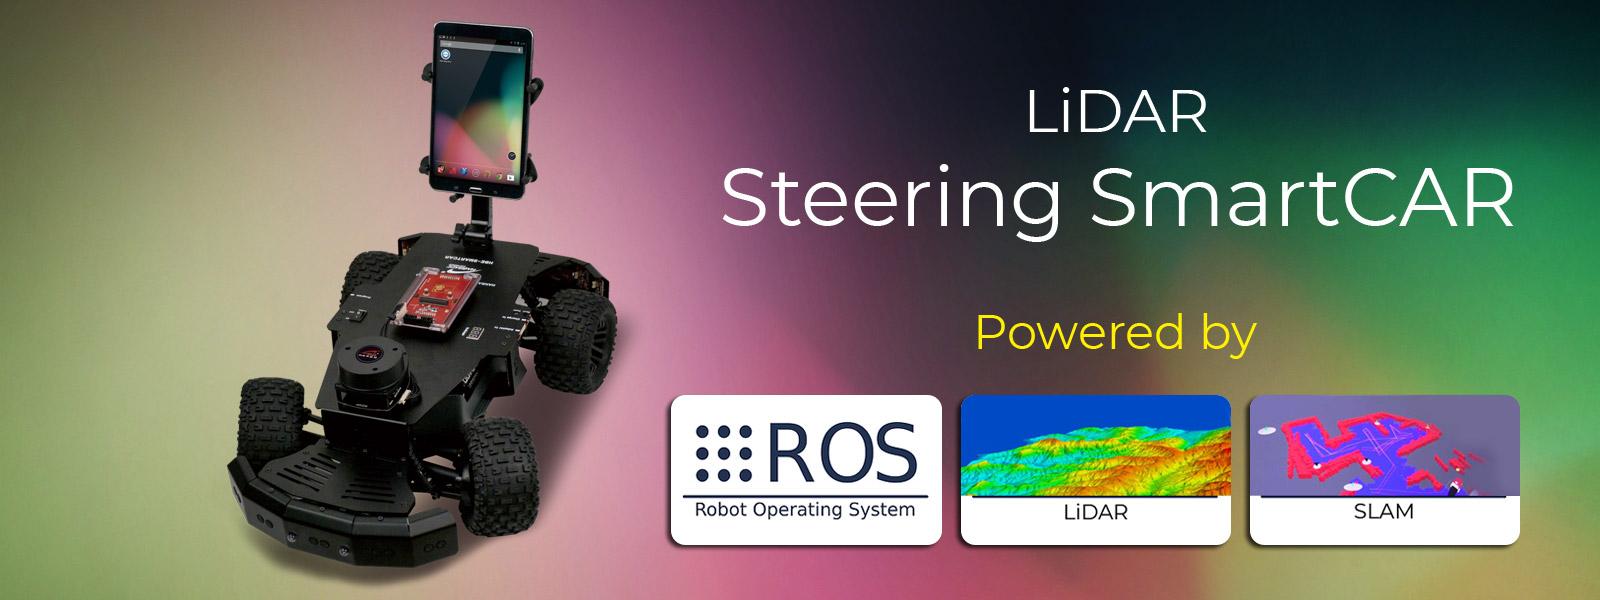 Steering Smart Car | Lidar-Steering-Smart-Car